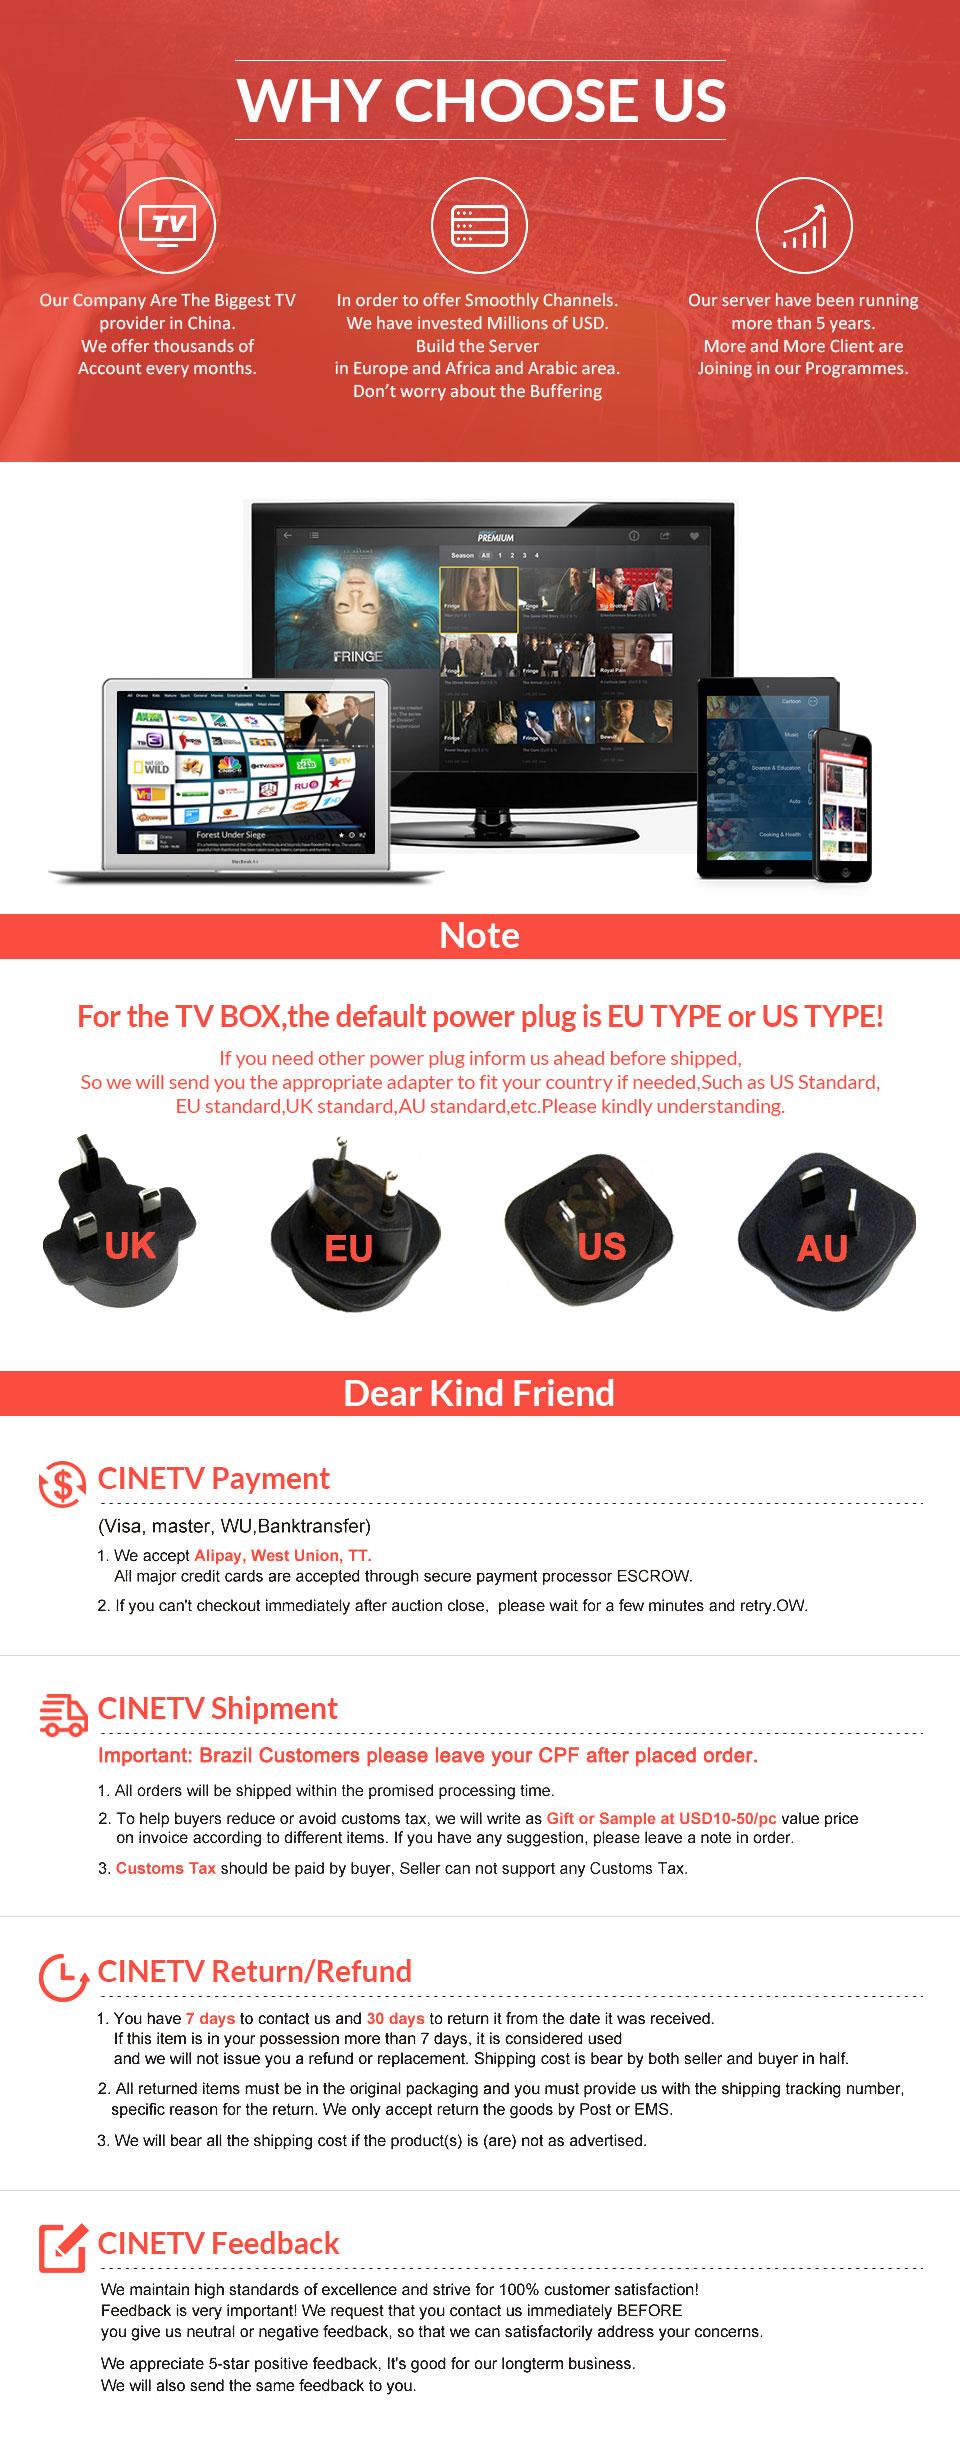 CINETV+4